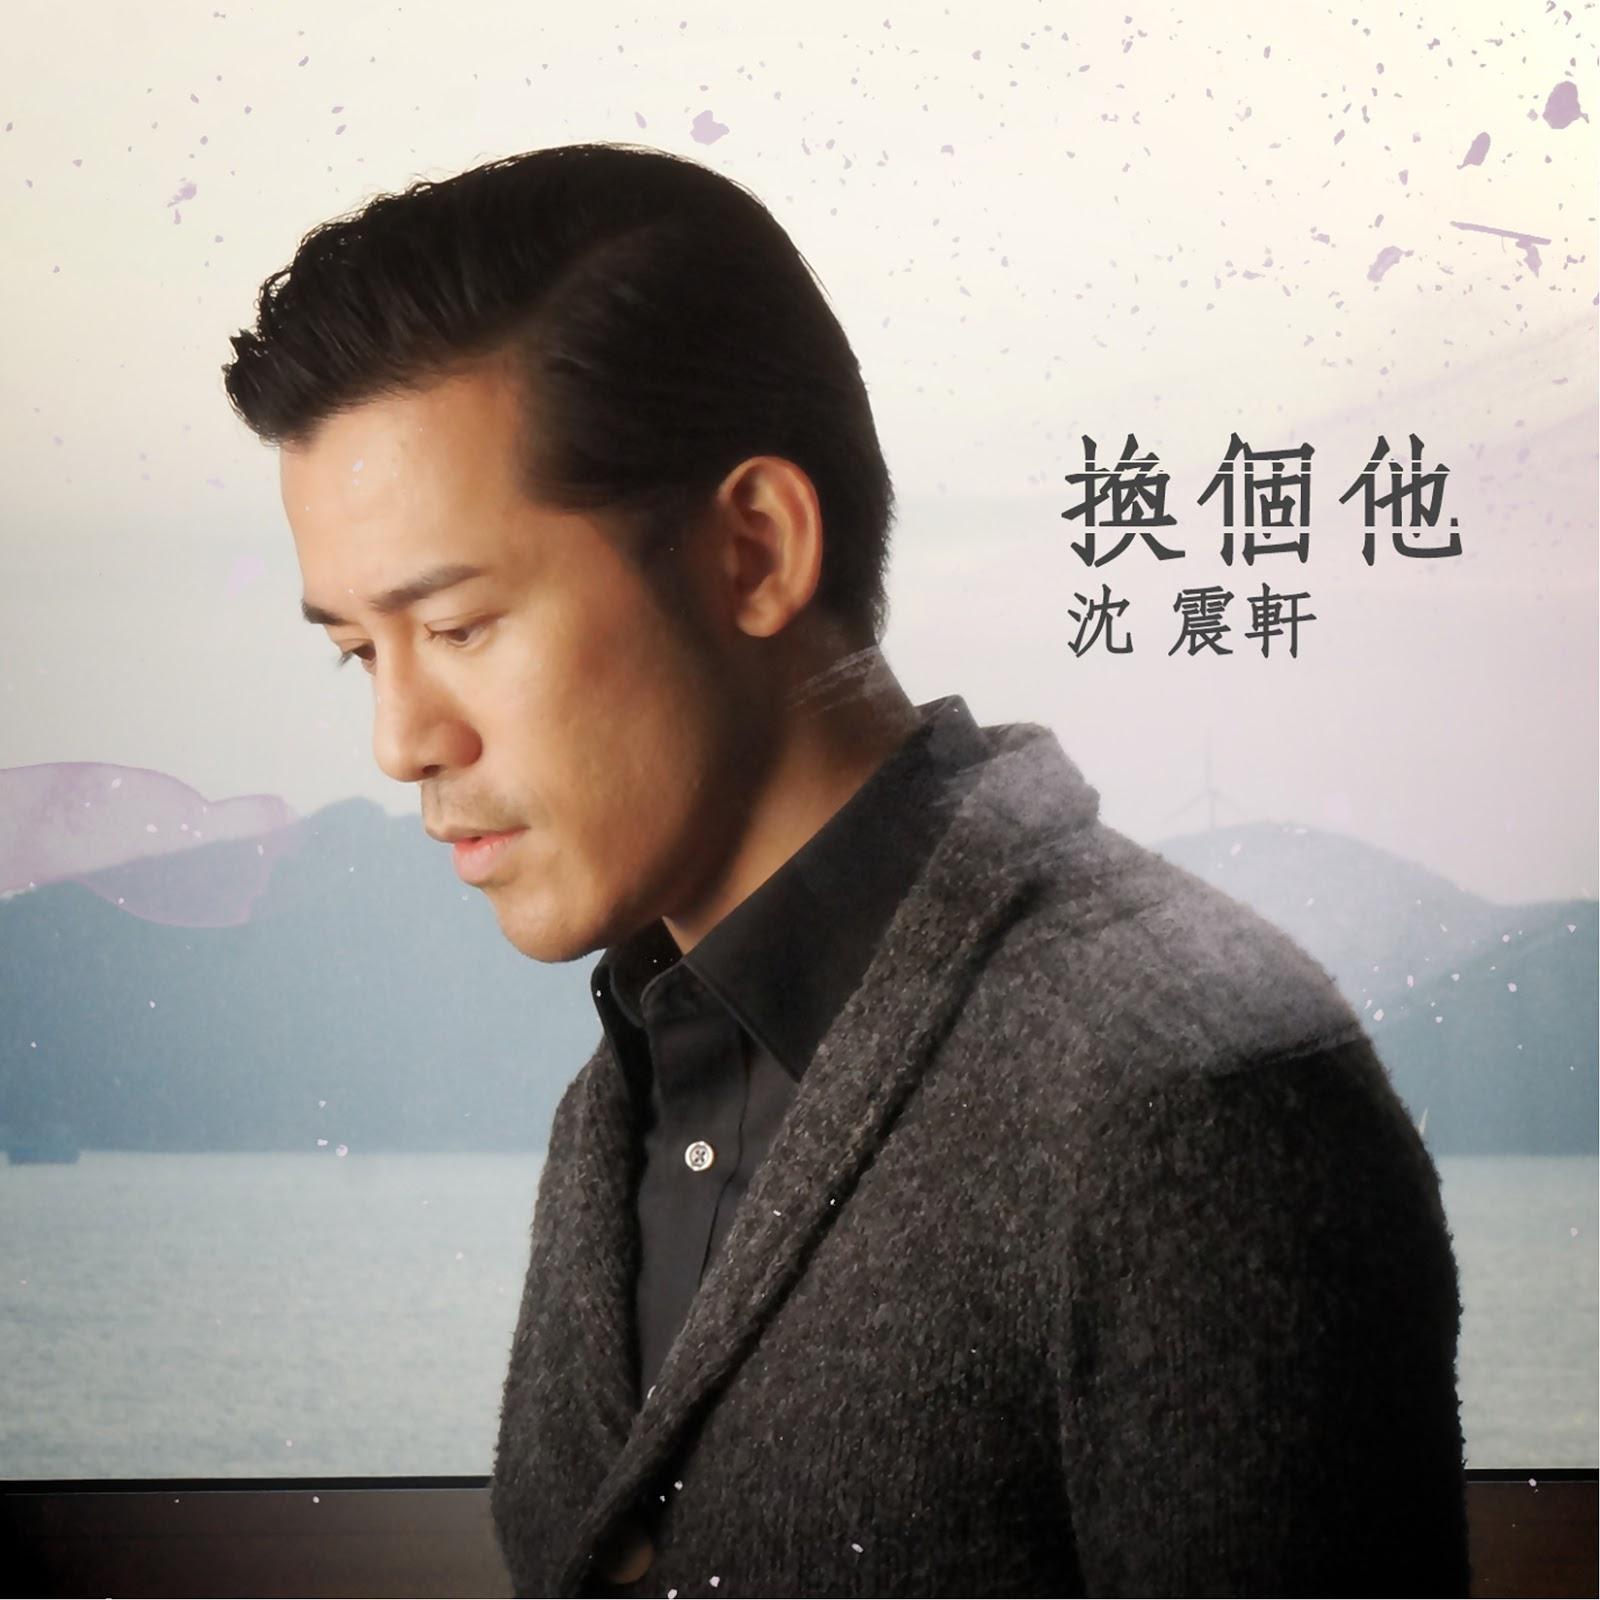 [EP] 換個他 - 沈震軒 Sammy Sum (mp3)